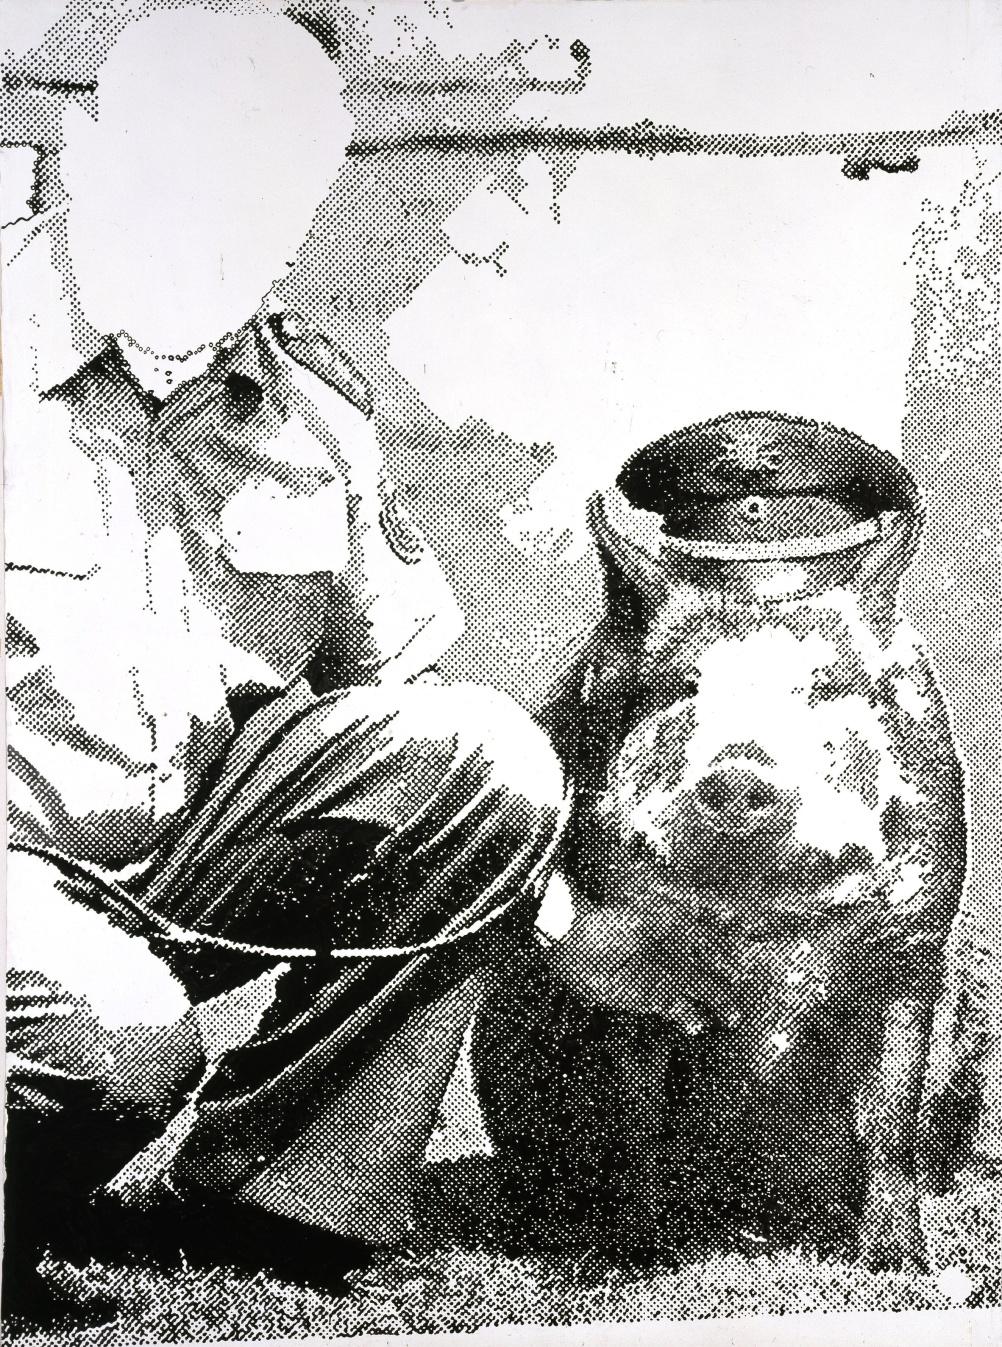 Sigmar Polke (1941 - 2010) Police Pig (Polizeischwein) 1986